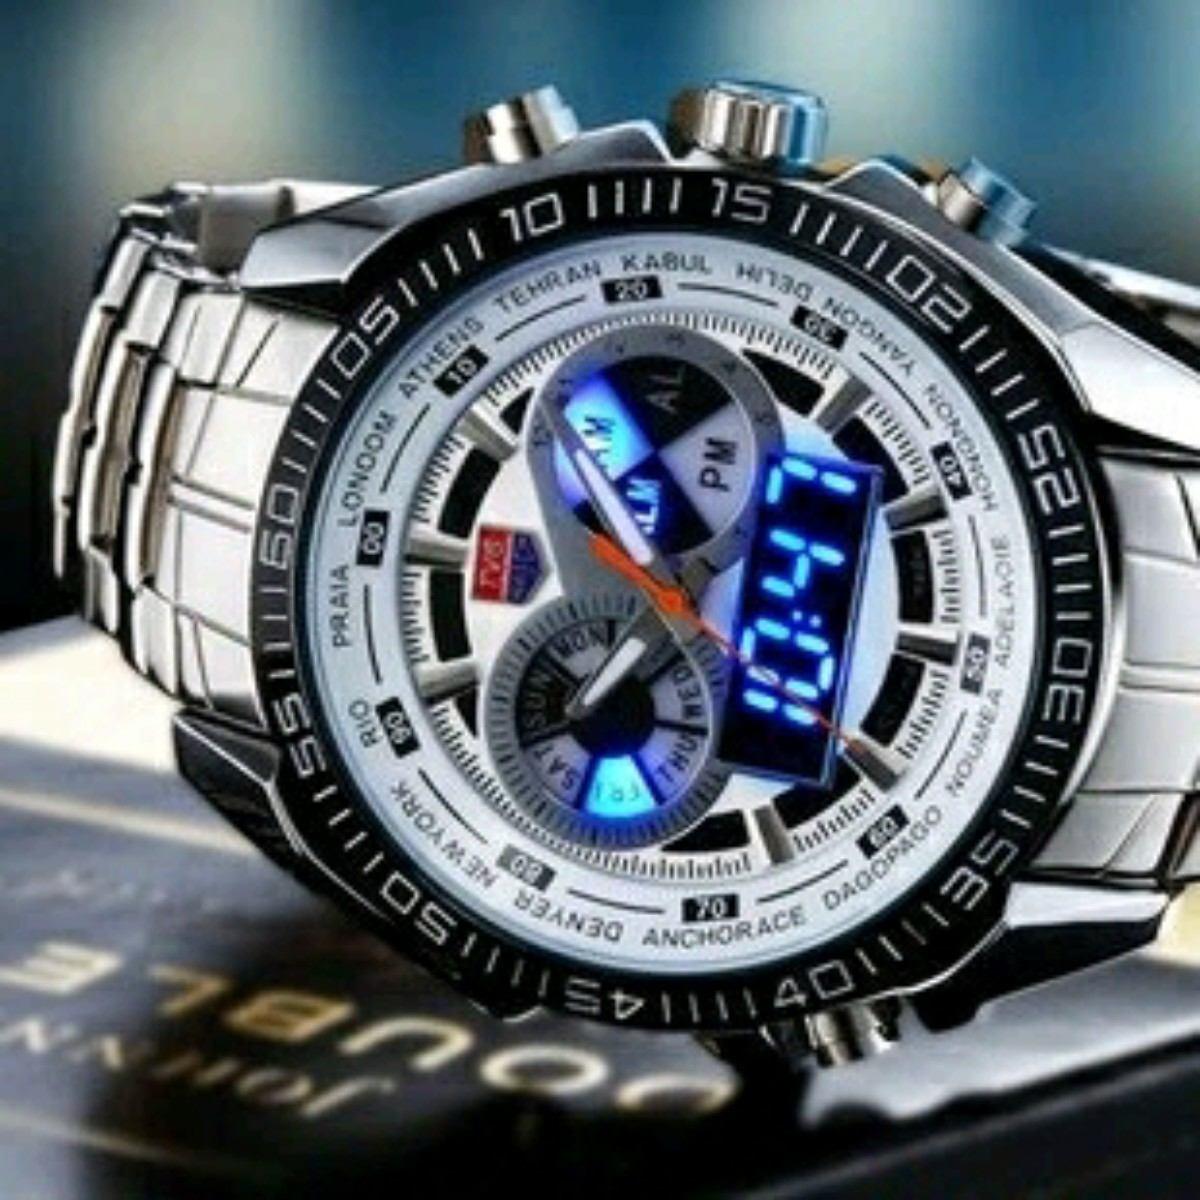 2a377e5afba relógio masculino tvg seals led frete grátis brasil lindo. Carregando zoom.